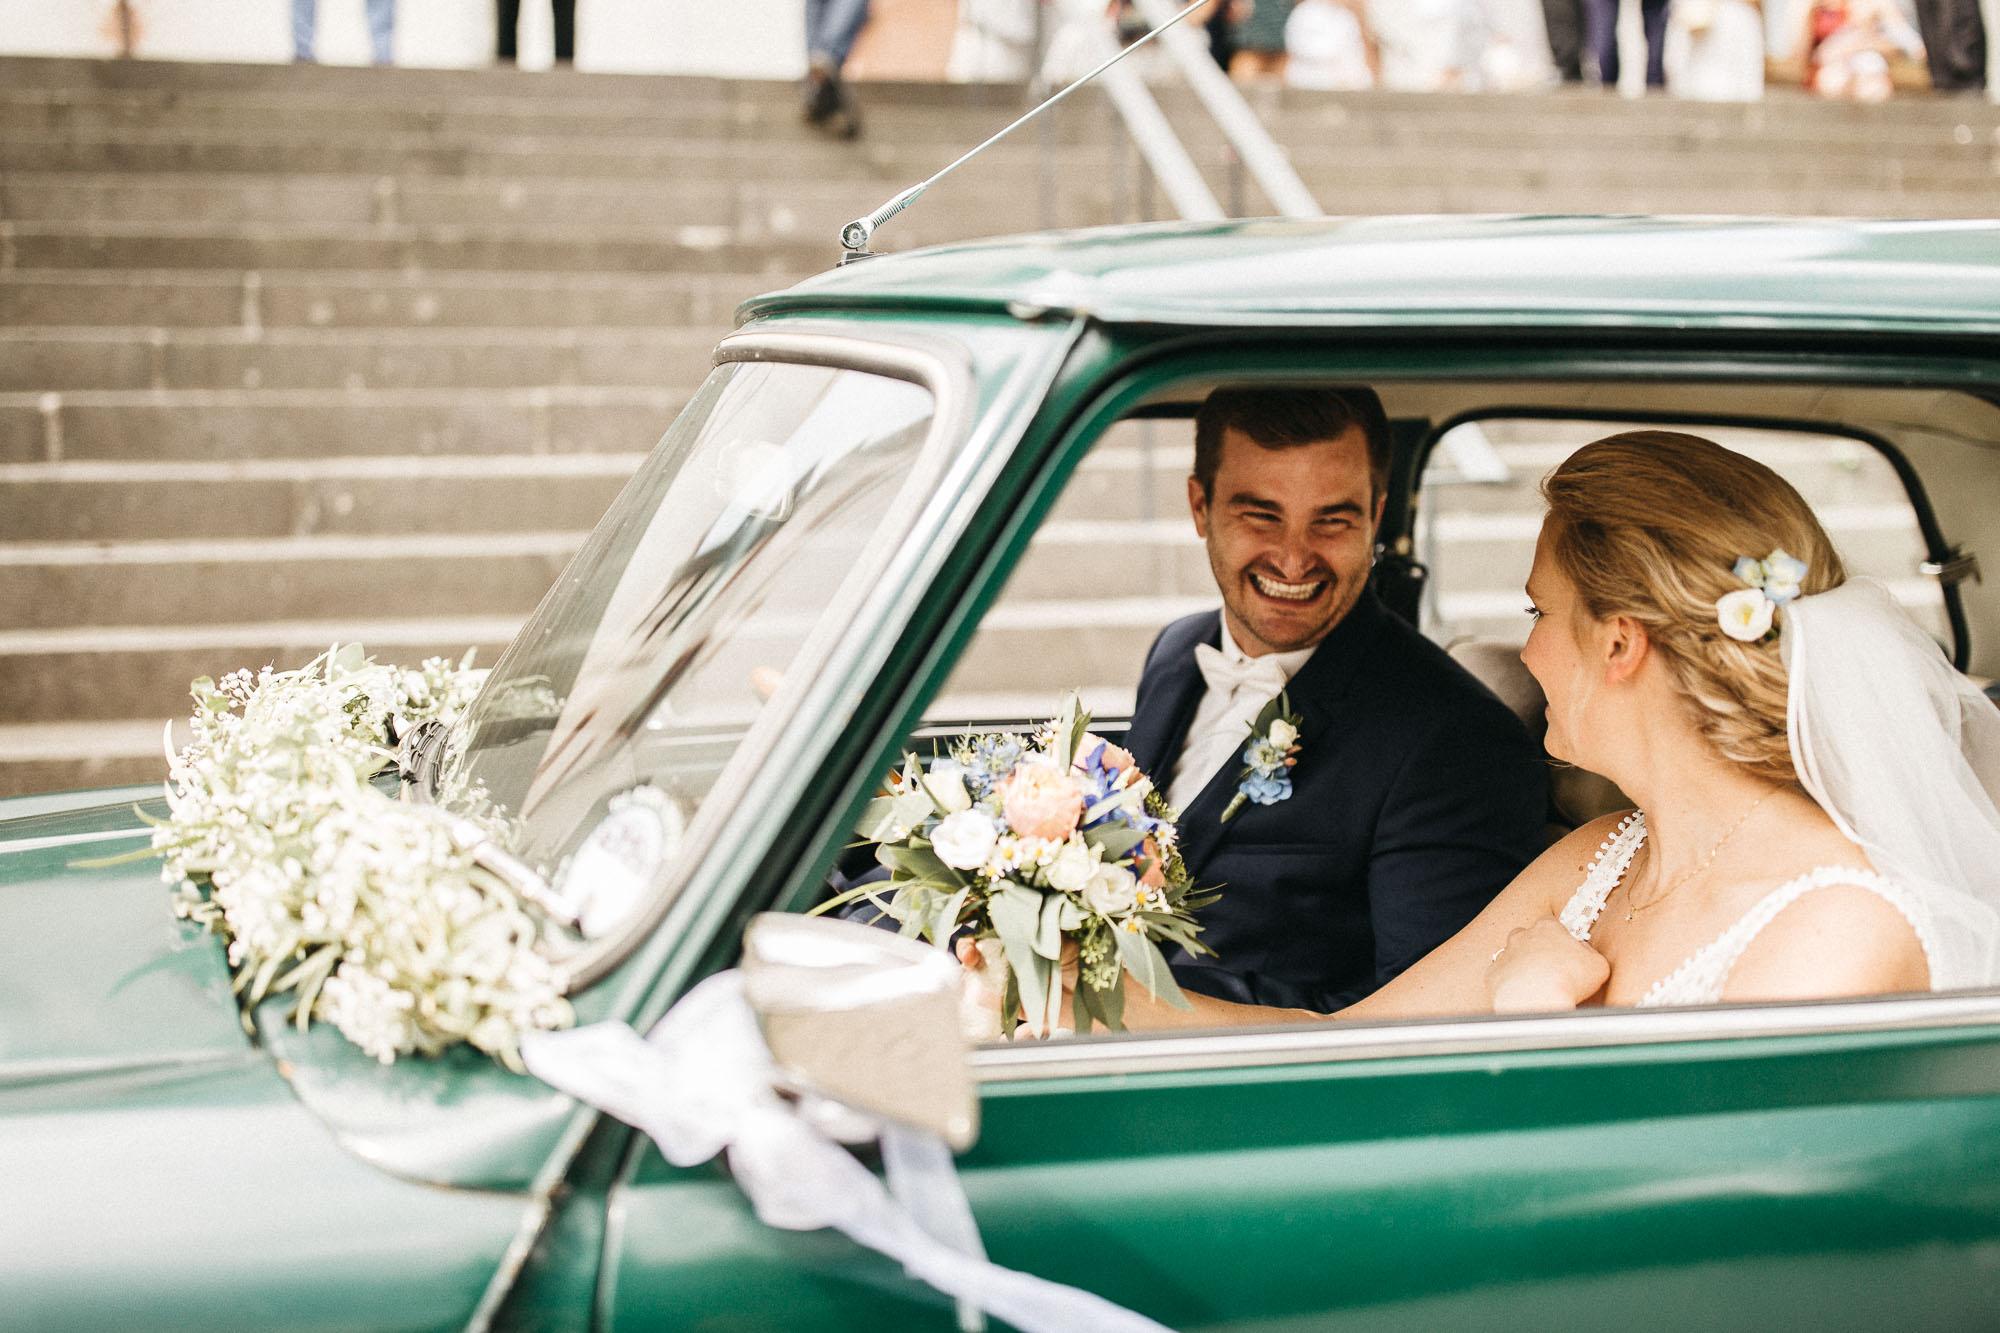 raissa simon photography wedding mosel kloster machern love authentic 239 - Kathrin + Dominik